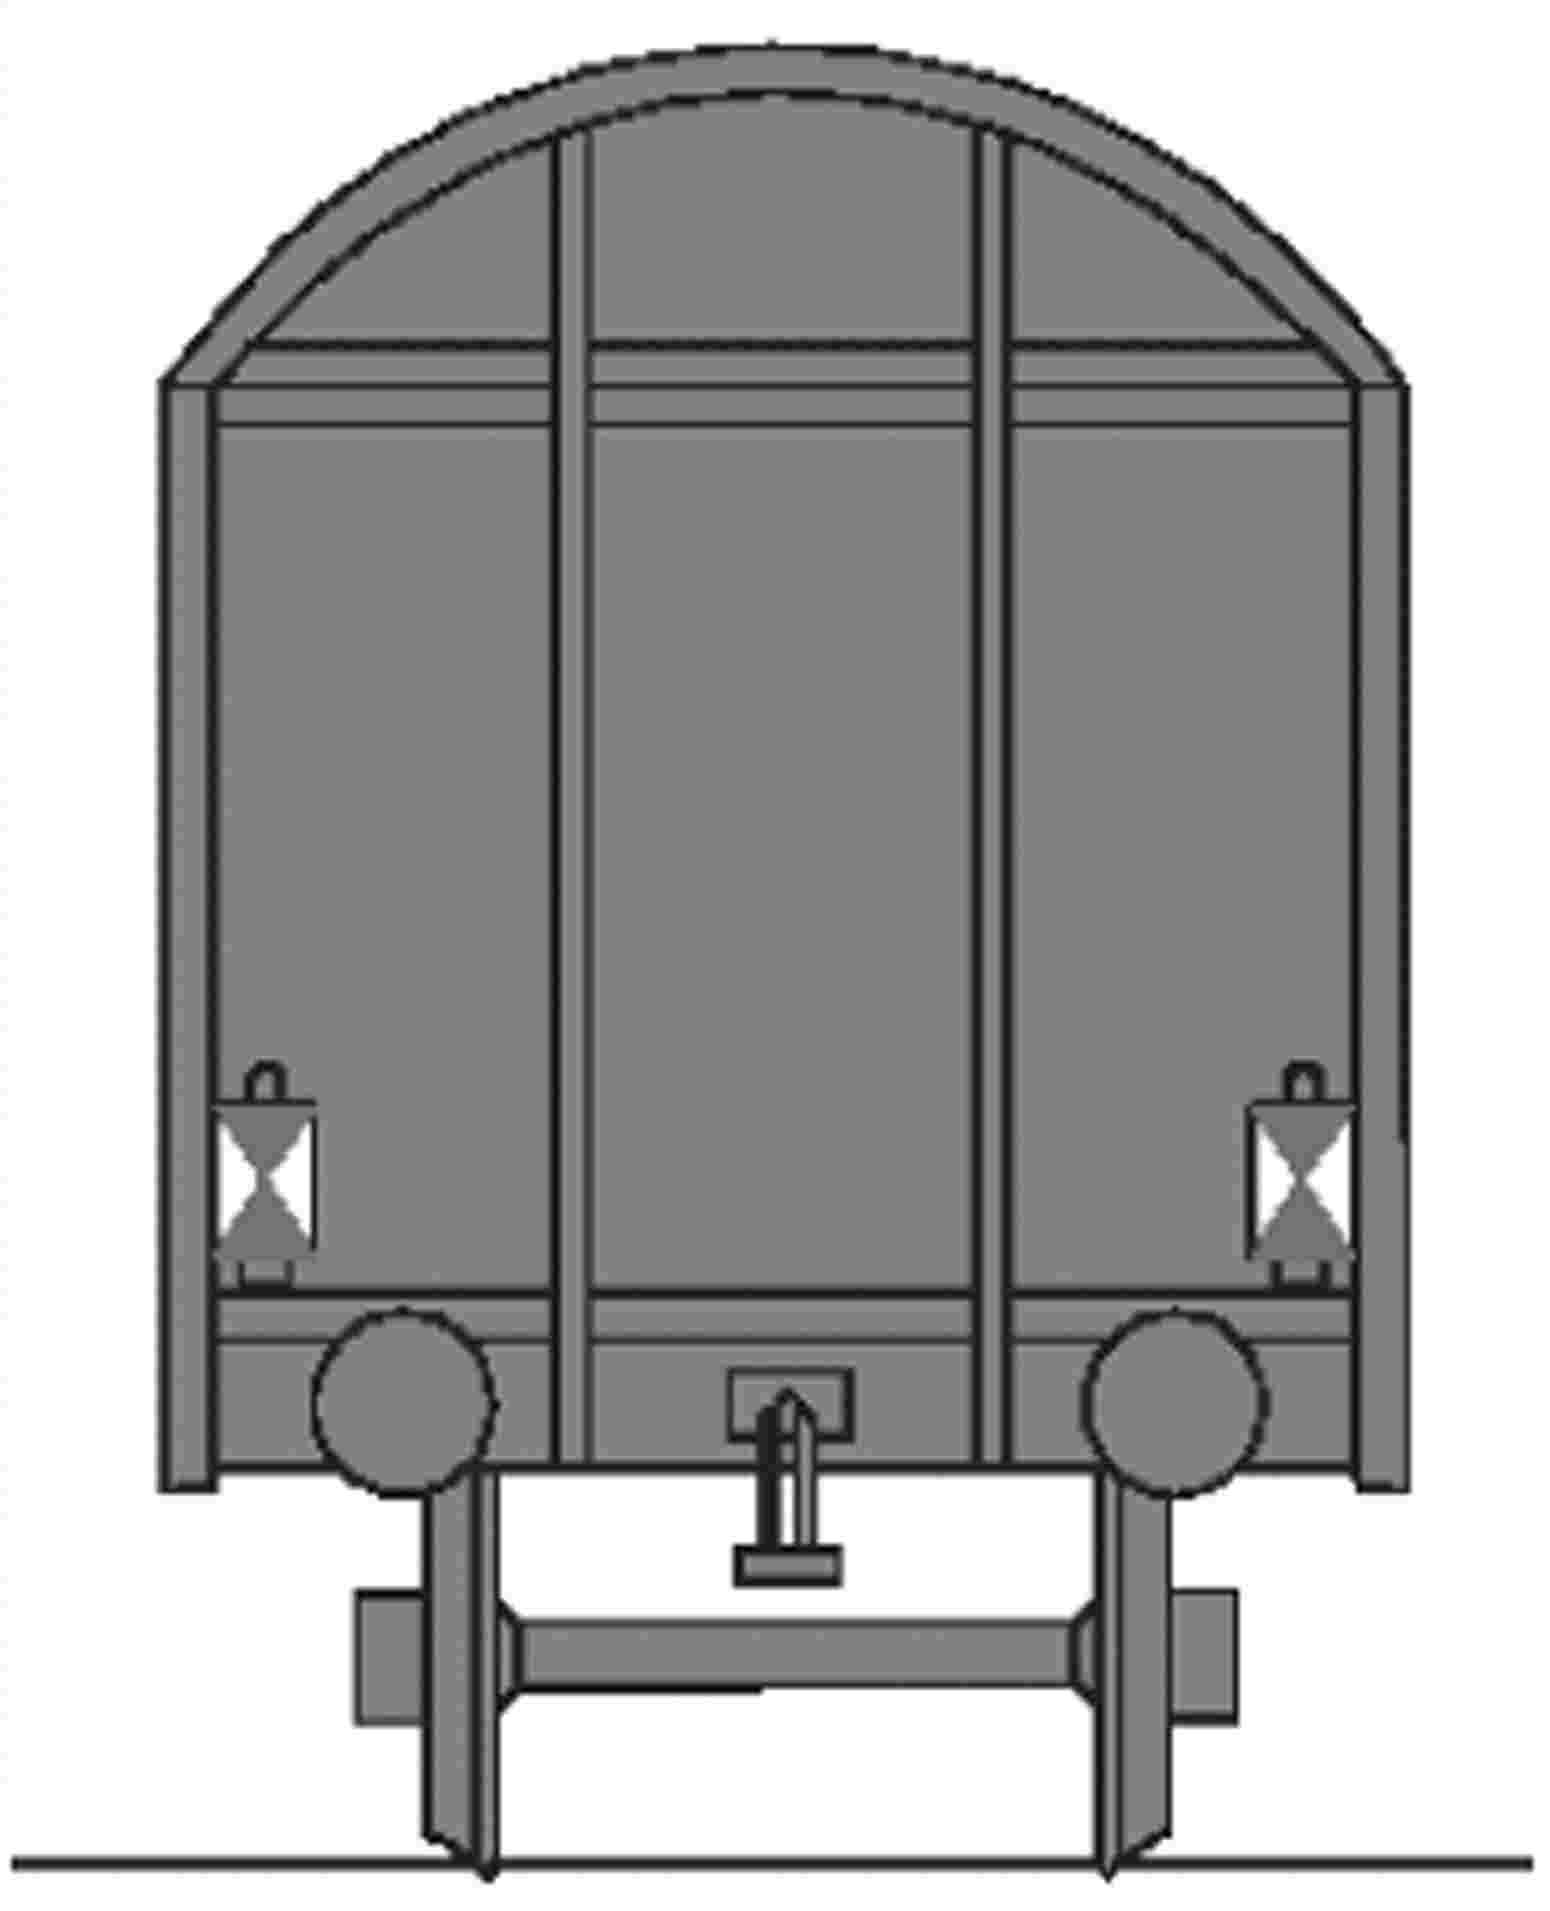 Спиране на влаковете-Спирачни уредби